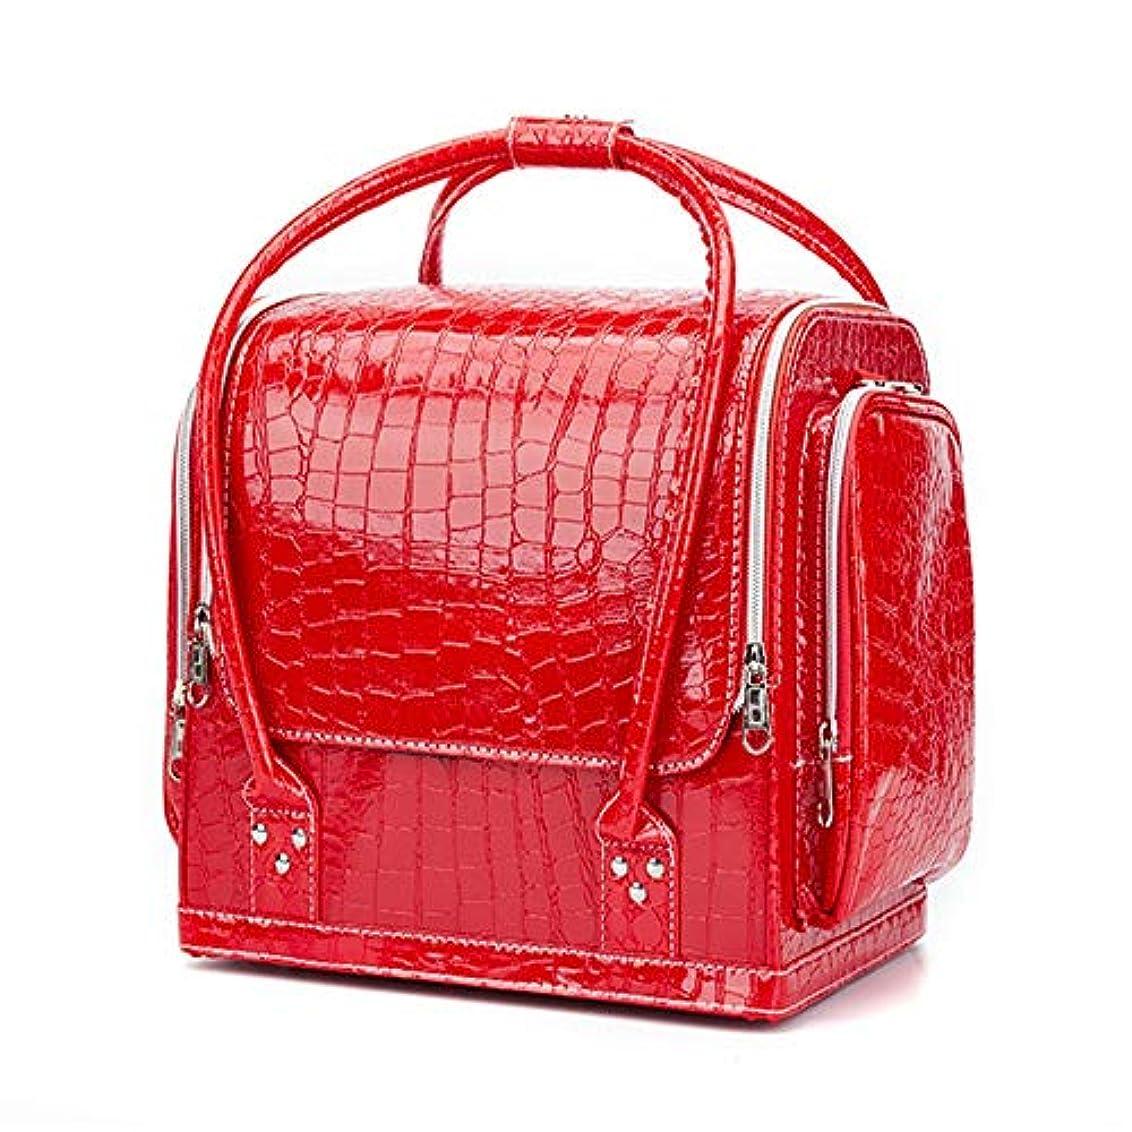 しみ振る襟化粧オーガナイザーバッグ ポータブルプロフェッショナルpuレザー旅行メイクアップバッグパターンメイクアップアーティストケーストレインボックス化粧品オーガナイザー収納用十代の女の子女性アーティスト 化粧品ケース (色 : 赤)